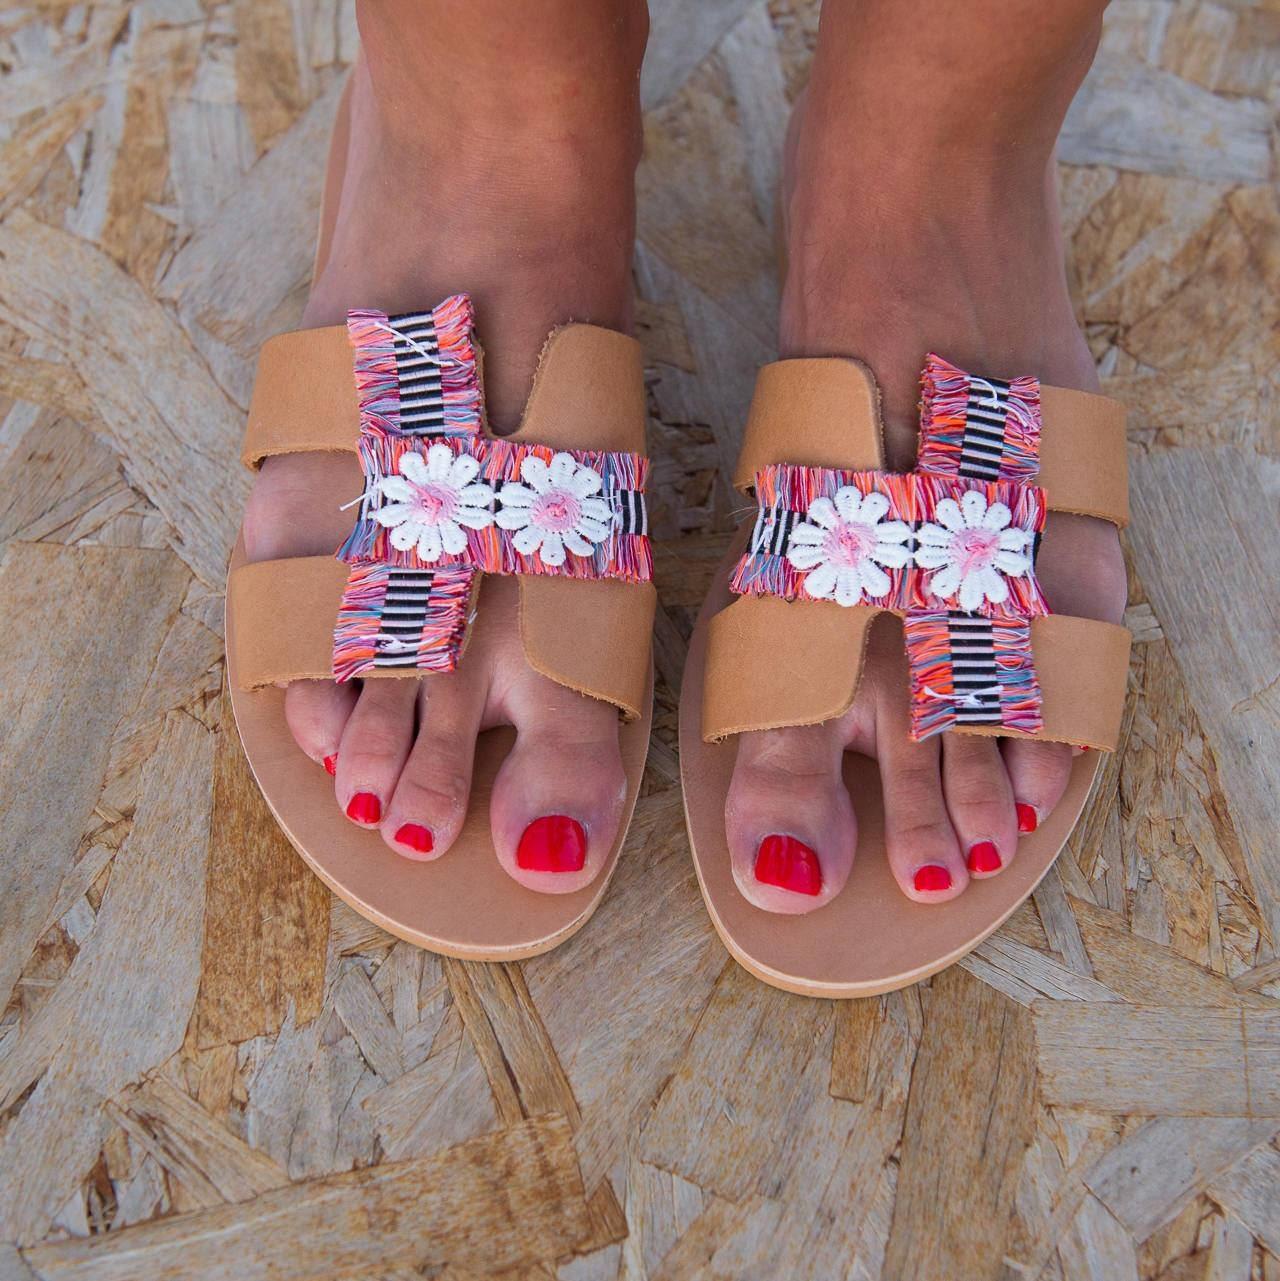 GlisseHommes t Ons, sandales en cuir, Hippie plat sandales, cuir, chaussures d'été en cuir, sandales, agréHommes tée de sandales pour femmes, Boho Chic sandales, sandales avec des fleurs ea749e